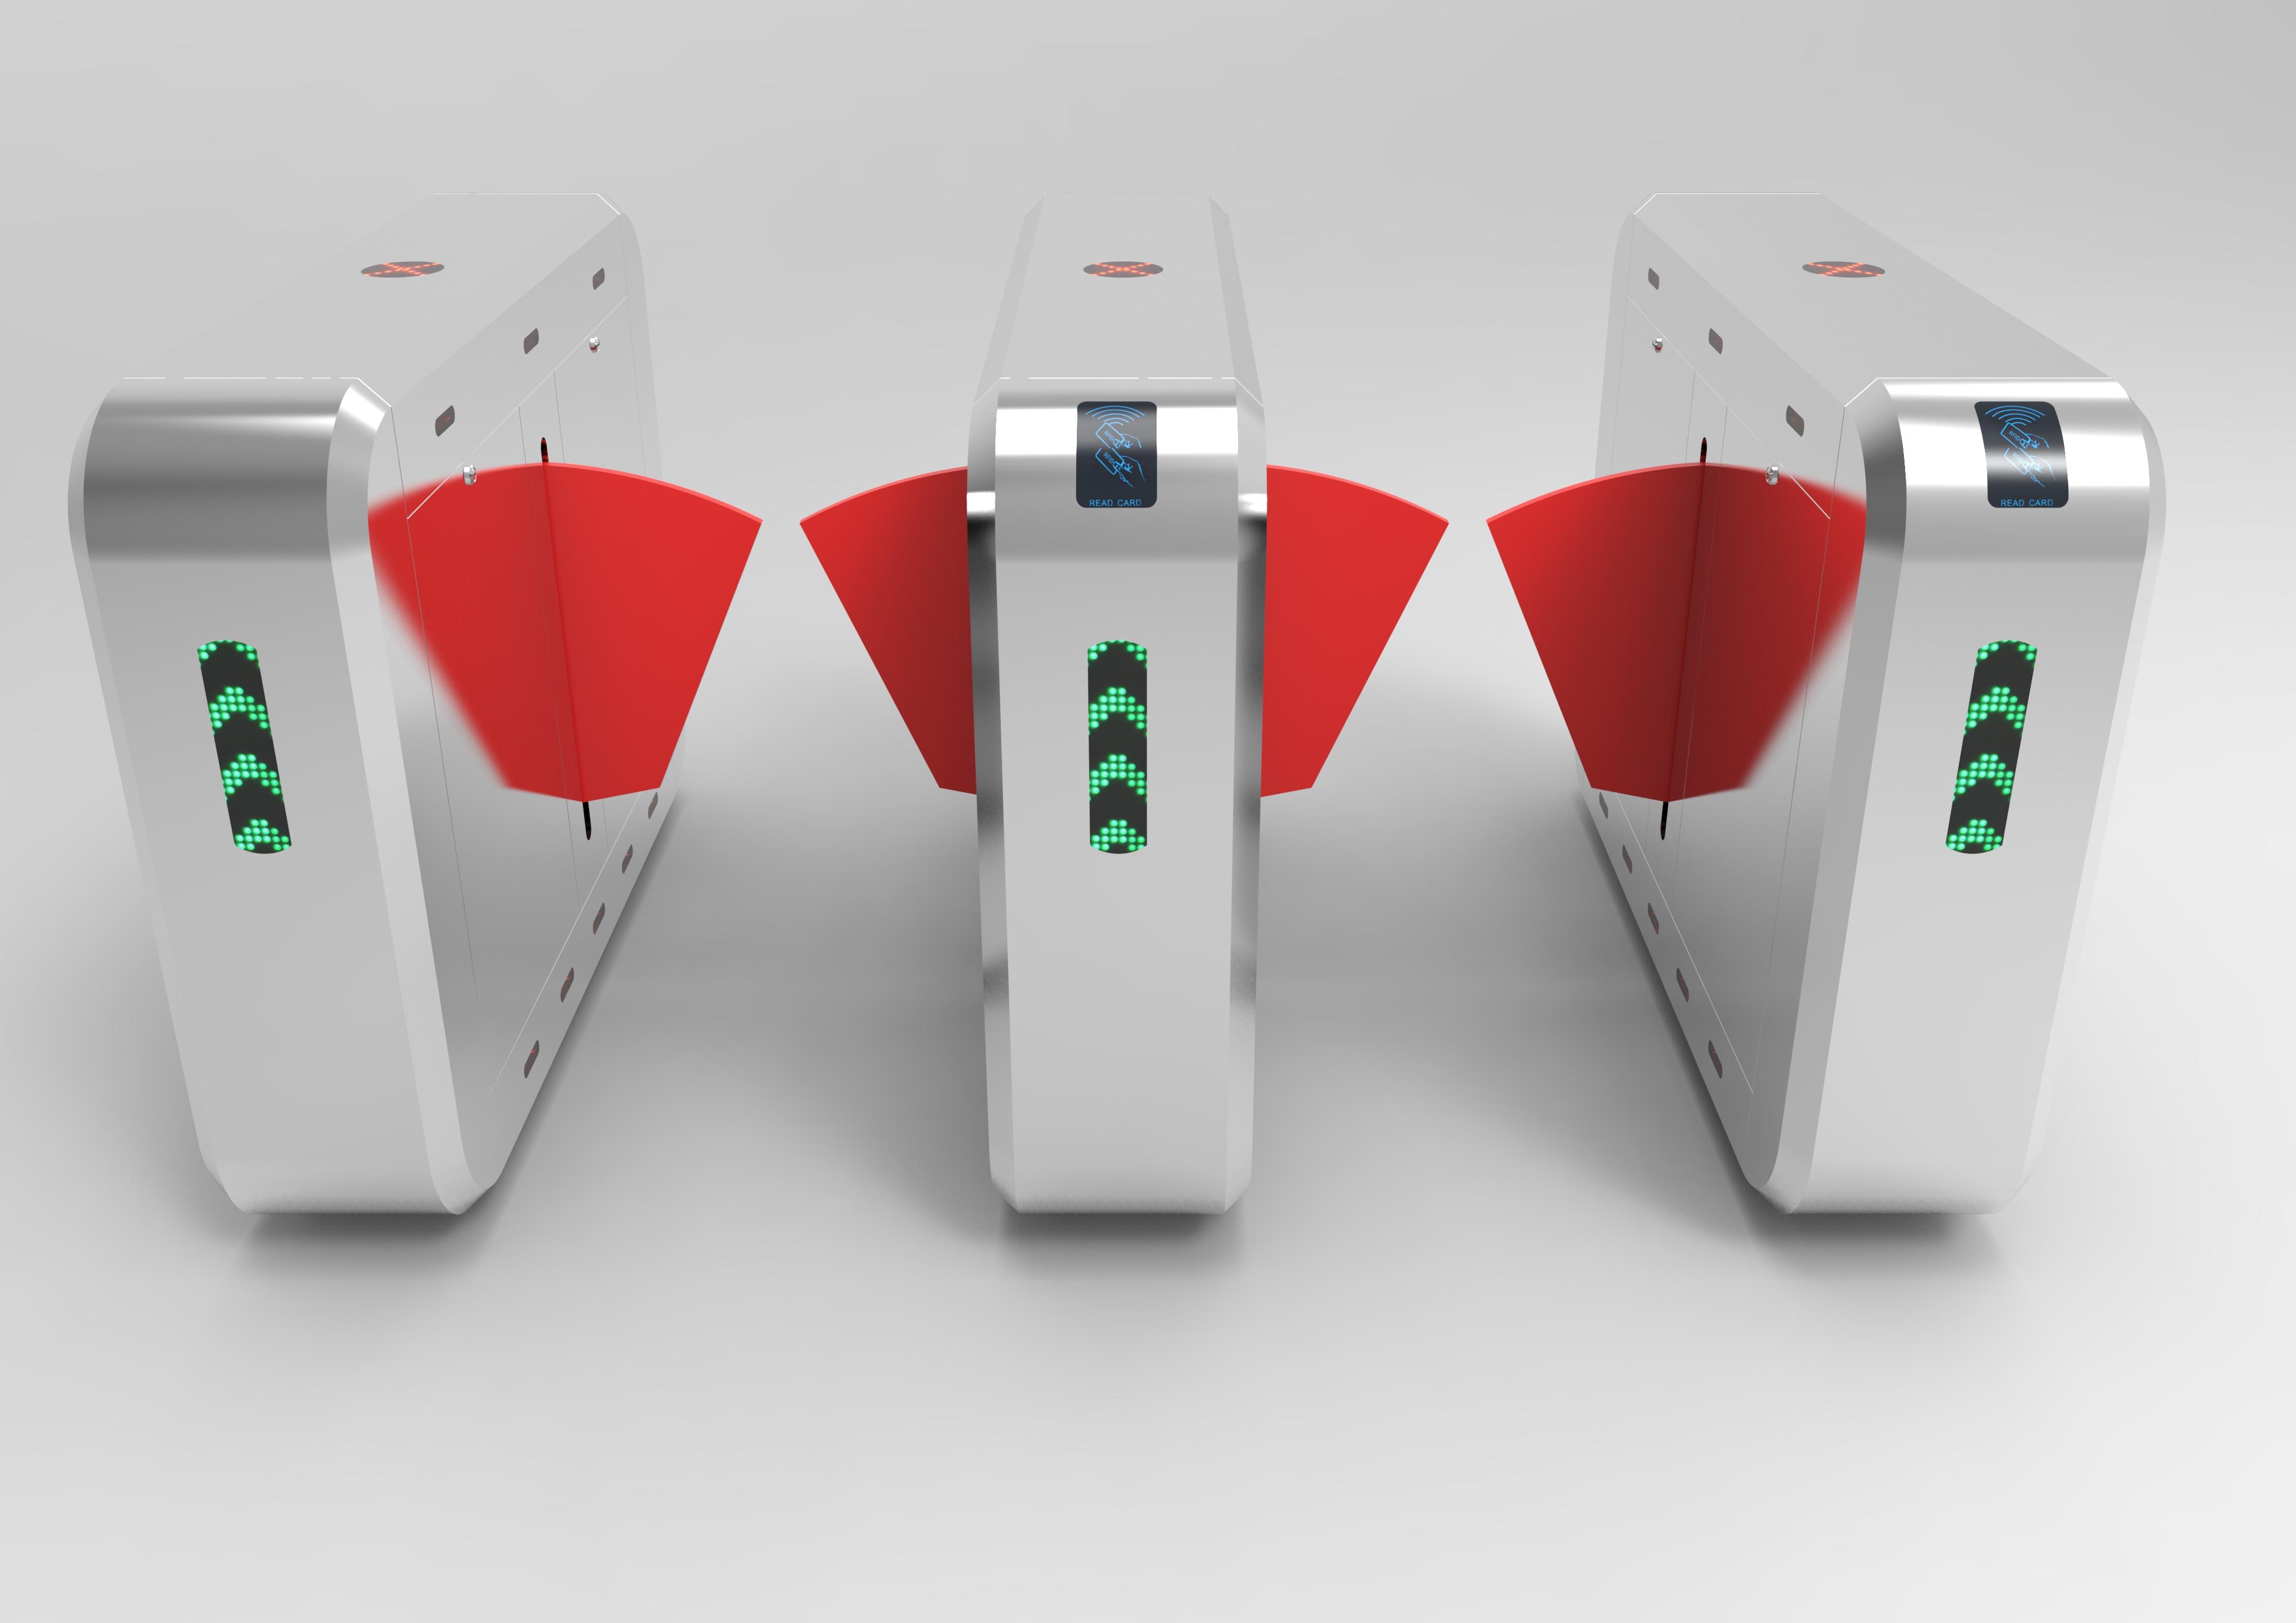 flap barrier QR code access system